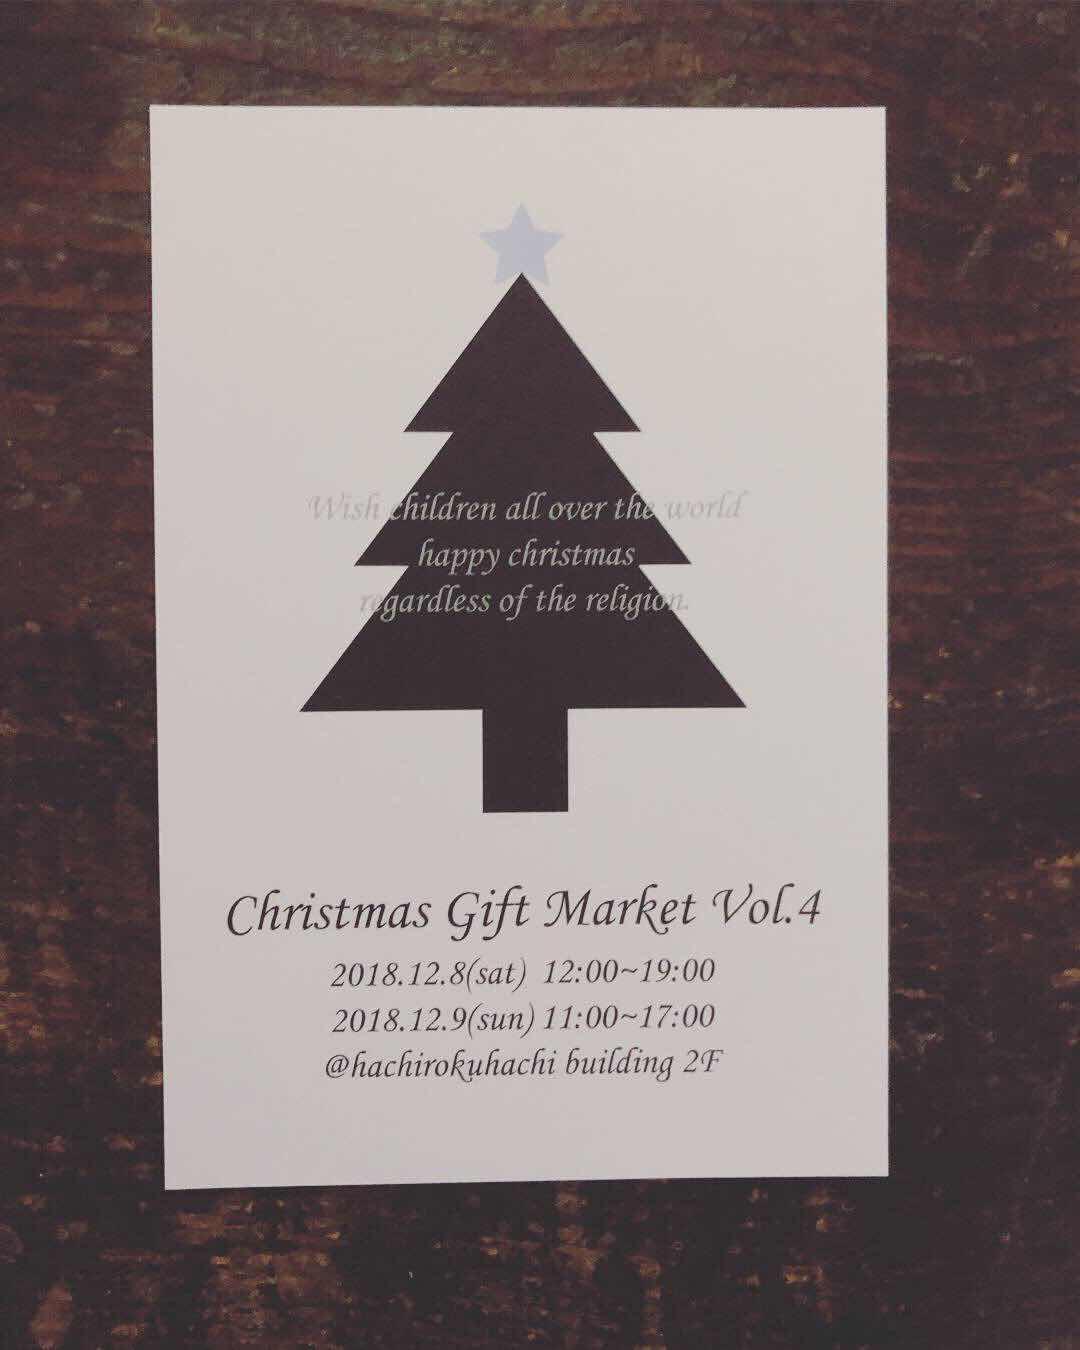 12/8,9 大阪府堺市 christmas gift market vol.4にて委託販売させていただきます